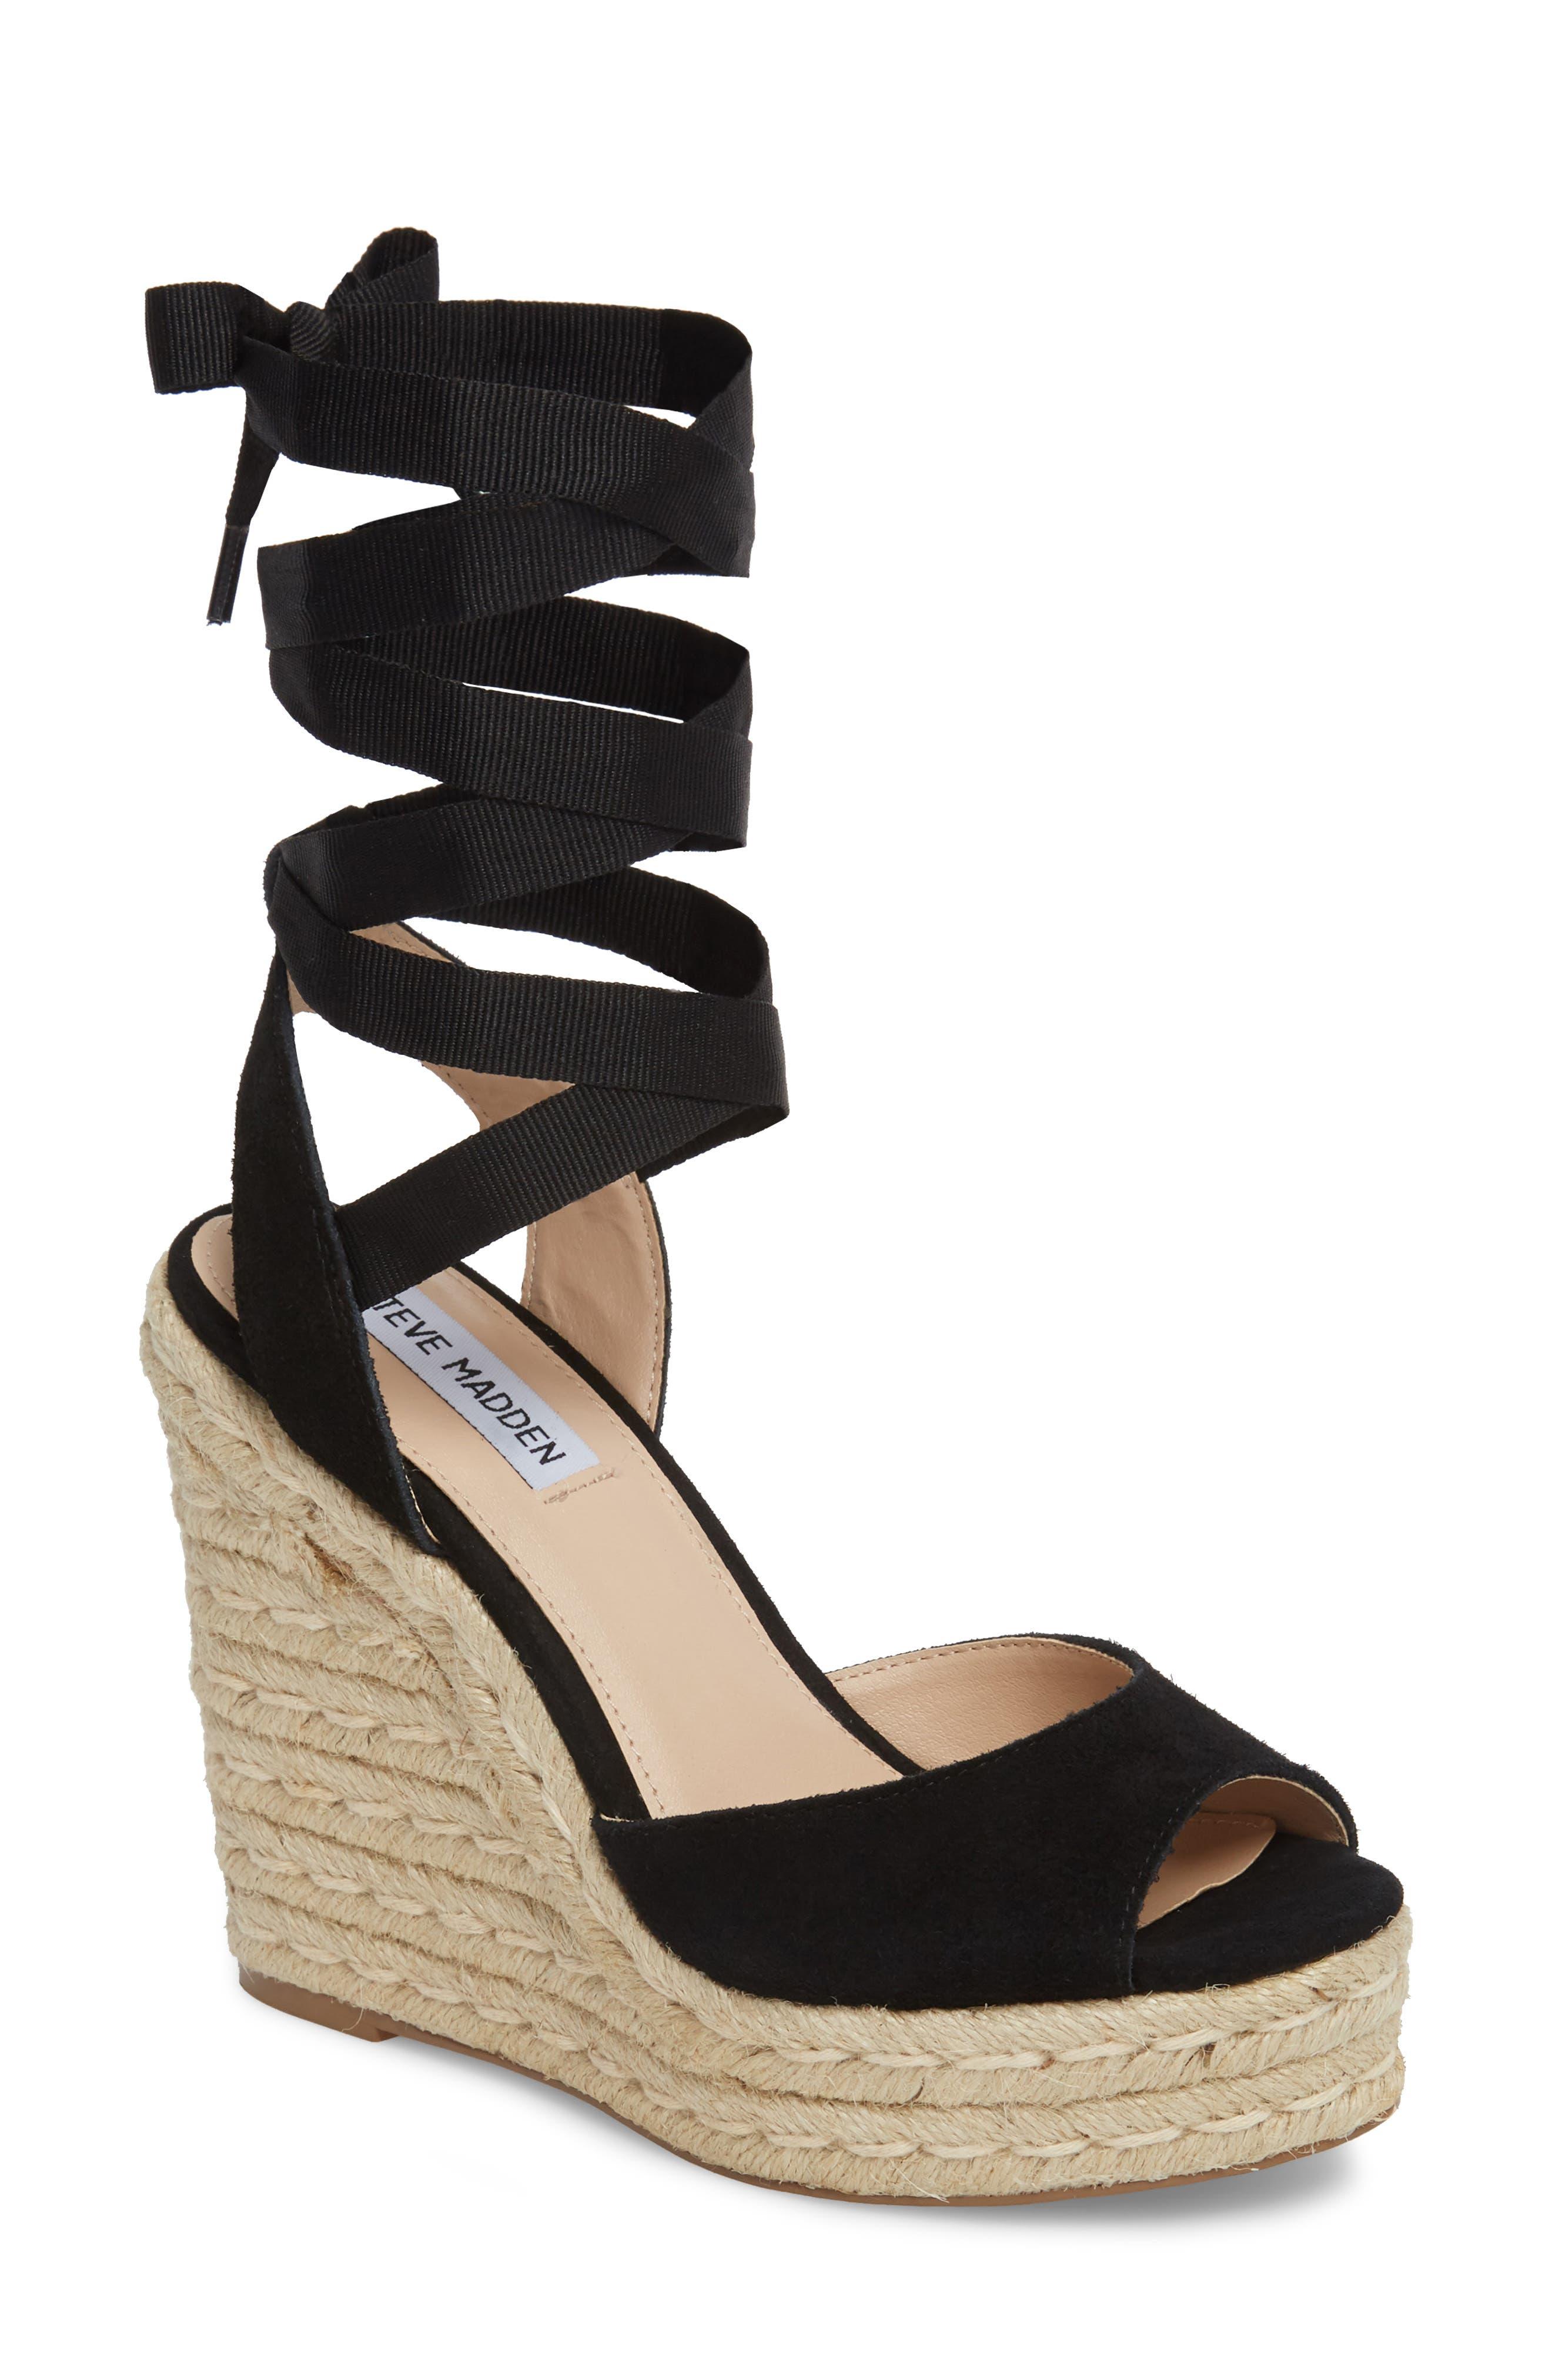 Steve Madden Secret Wedge Wraparound Sandal (Women)